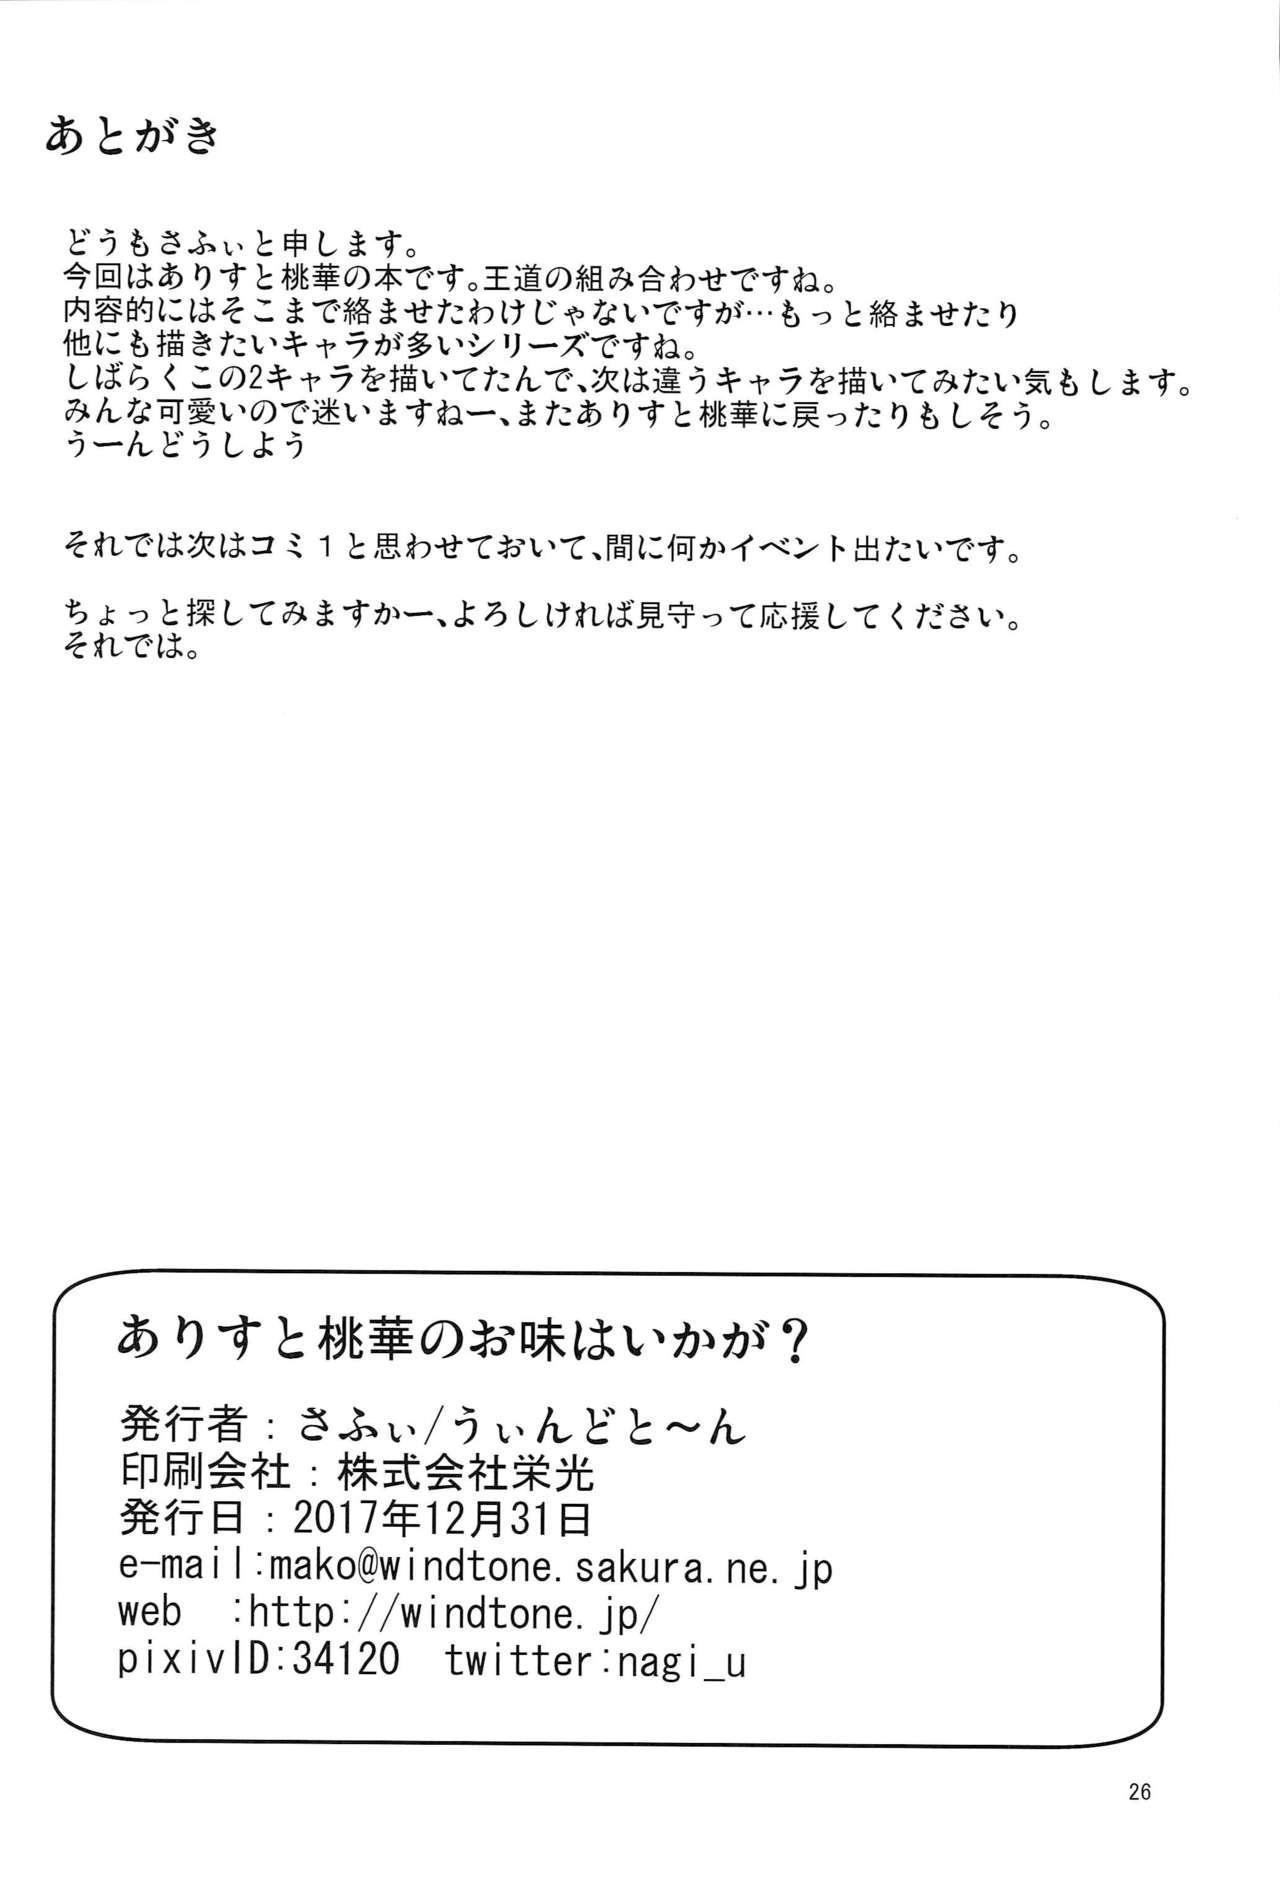 Arisu to Momoka no Oaji wa Ikaga 24